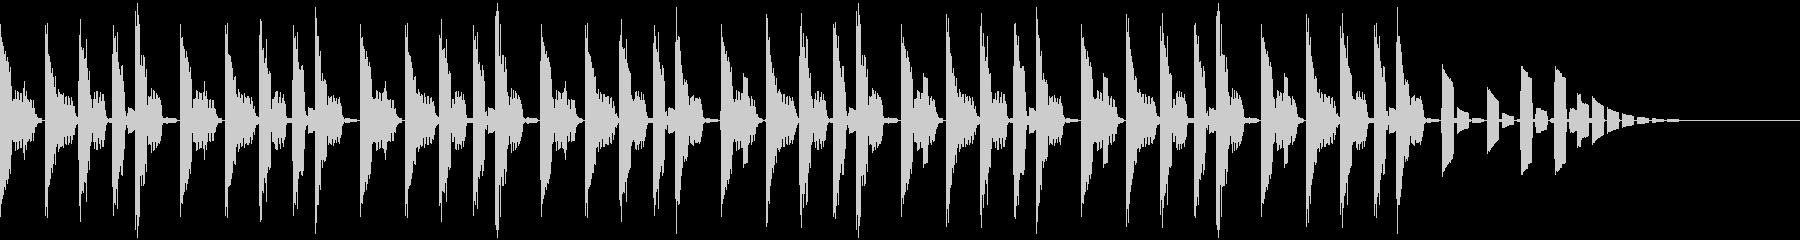 エレピを使ったSF風のジングルの未再生の波形